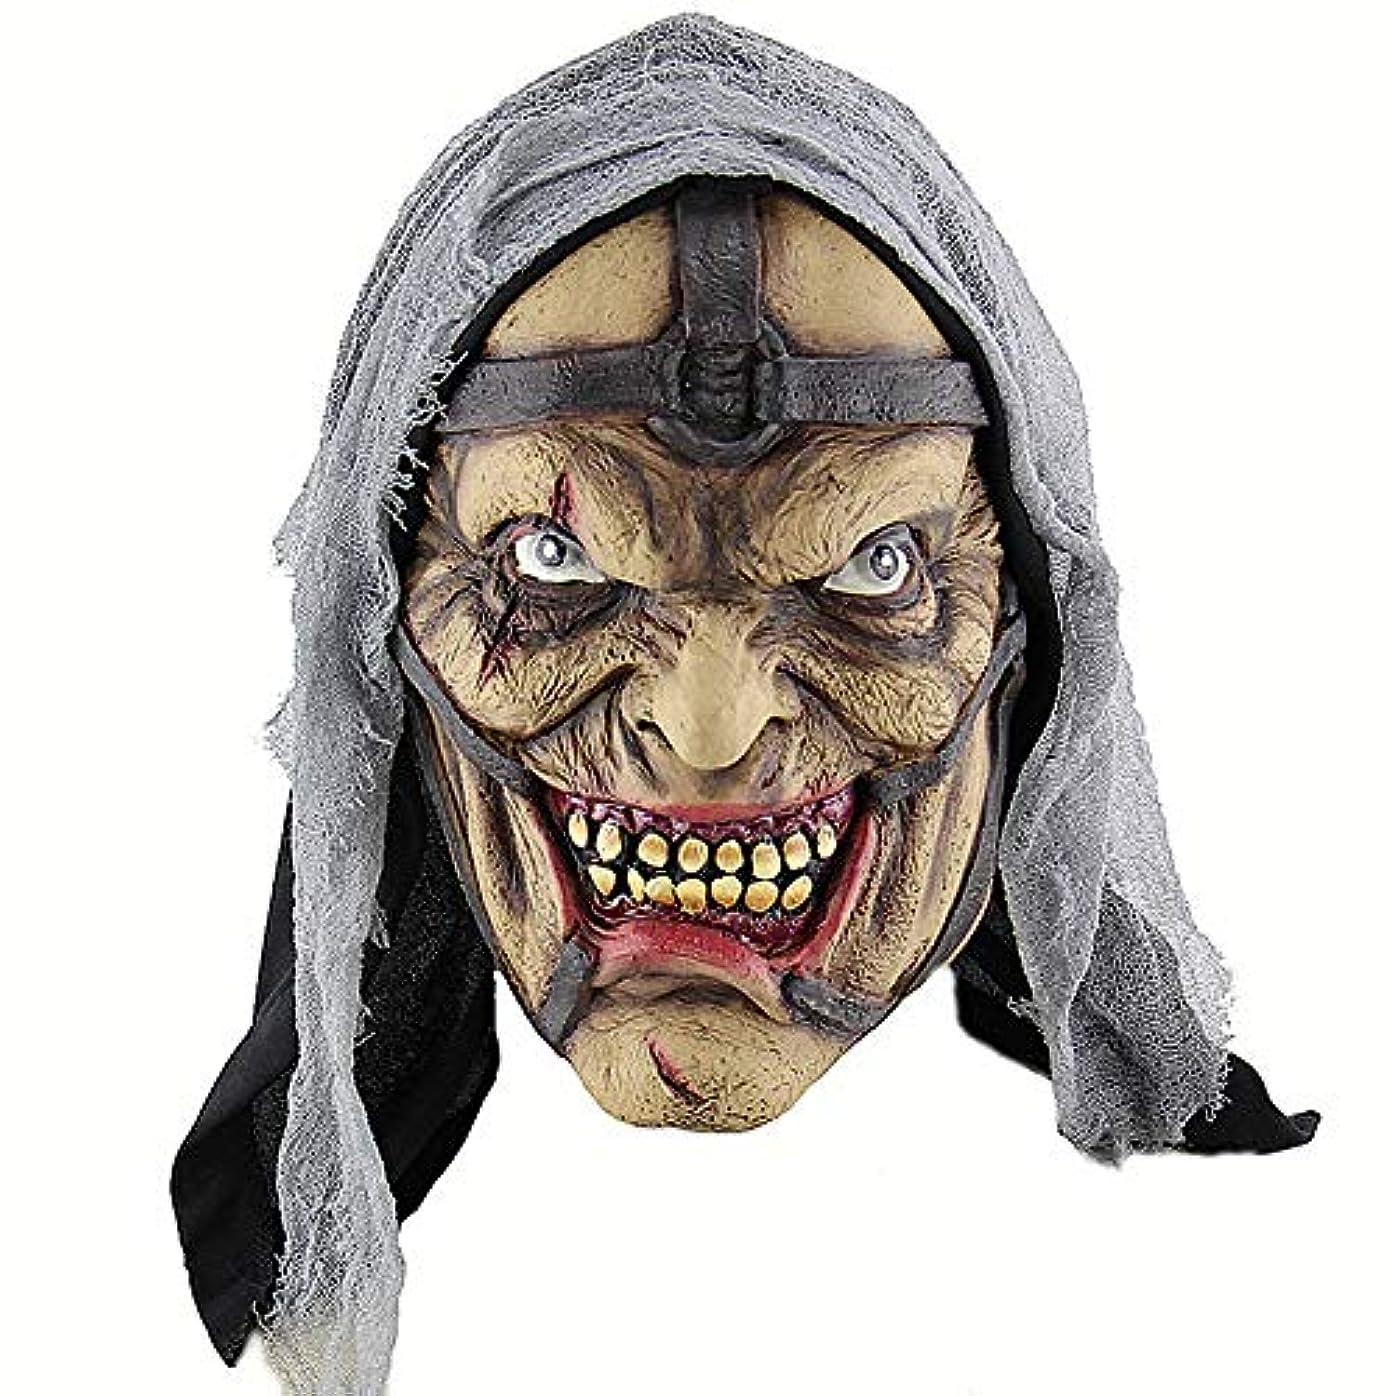 床を掃除するただやるカバレッジヘッドギアハロウィーンホラー魔女ポン引きモンスターマスクラテックスゴーストマスクヘッドギア頭囲65cm以下